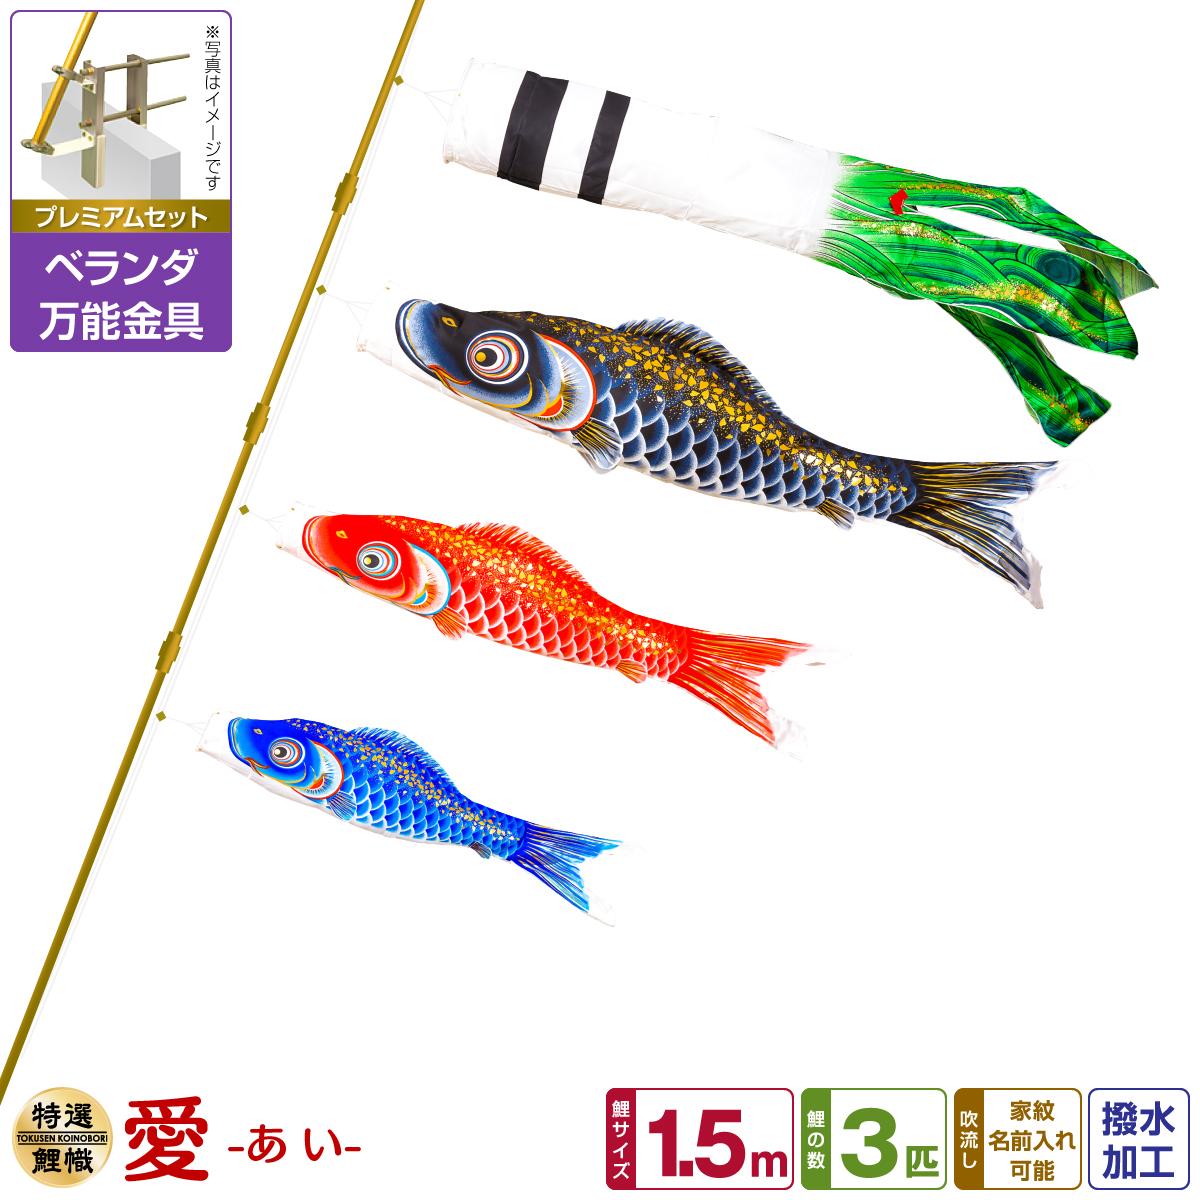 ベランダ用 こいのぼり 鯉のぼり 愛 1.5m 6点(吹流し+鯉3匹+矢車+ロープ)/プレミアムセット(万能取付金具)